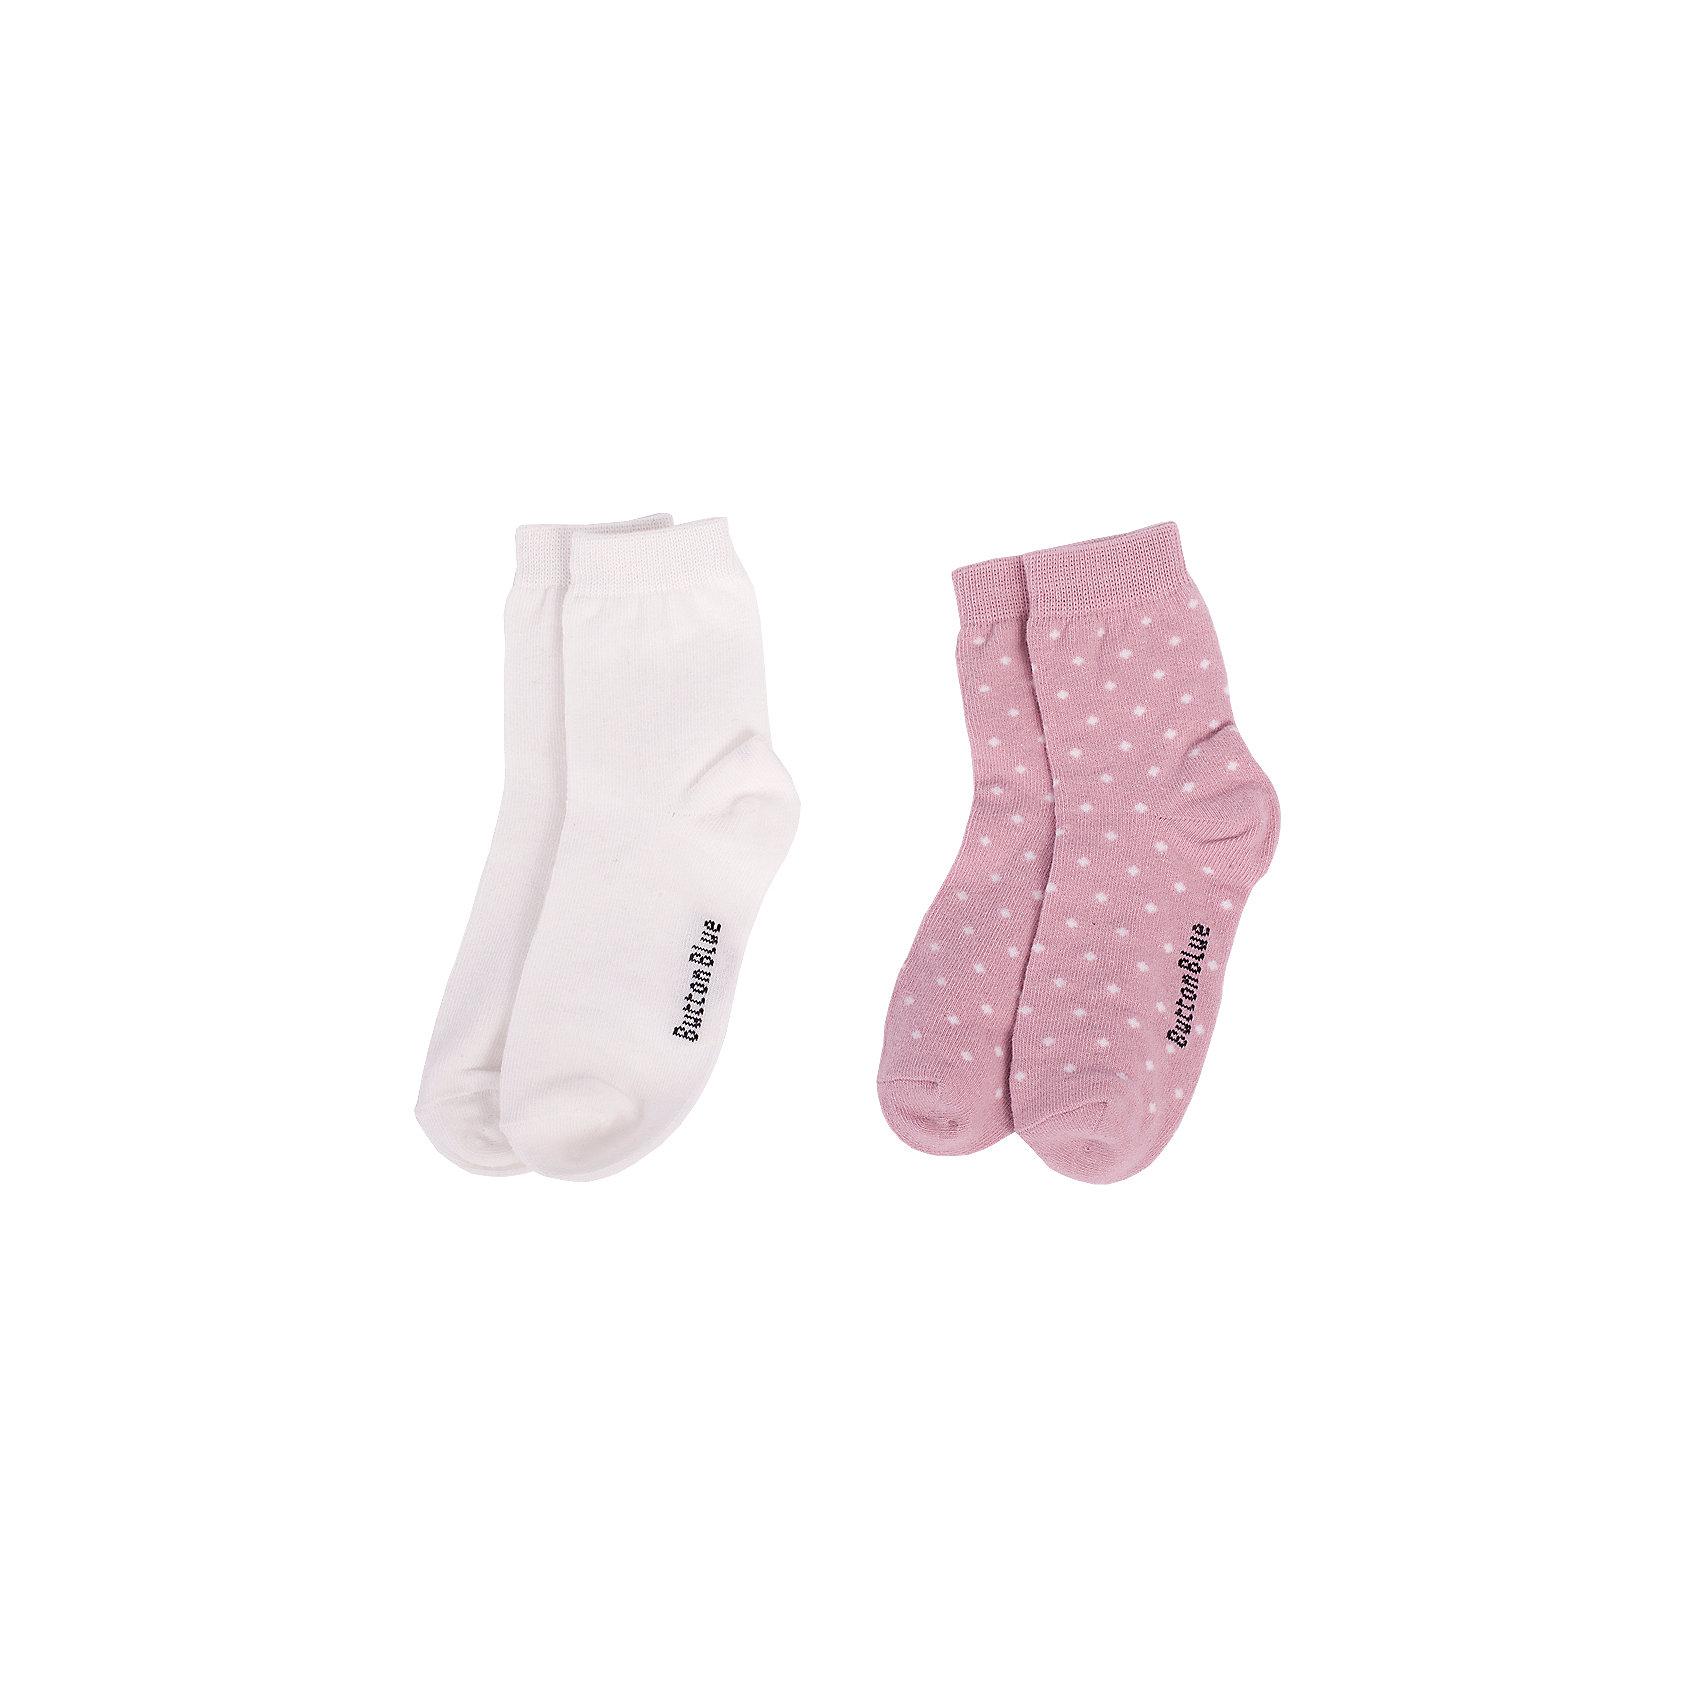 Носки BUTTON BLUE для девочкиНоски<br>Носки BUTTON BLUE для девочки<br>Детские носки - необходимая вещь на каждый день. И их в гардеробе ребенка должно быть немало. Если вы решили дополнить осенне-зимний гардероб ребенка хлопковыми носками, попробуйте купить комплект из двух пар. Вы думаете, что хорошие, качественные и недорогие детские носки - это невозможно? Носки от Button Blue убедят вас в обратном.<br>Состав:<br>80%хлопок 18%полиамид 2% эластан<br><br>Ширина мм: 87<br>Глубина мм: 10<br>Высота мм: 105<br>Вес г: 115<br>Цвет: белый<br>Возраст от месяцев: 15<br>Возраст до месяцев: 18<br>Пол: Женский<br>Возраст: Детский<br>Размер: 22,14,16,20<br>SKU: 7039327